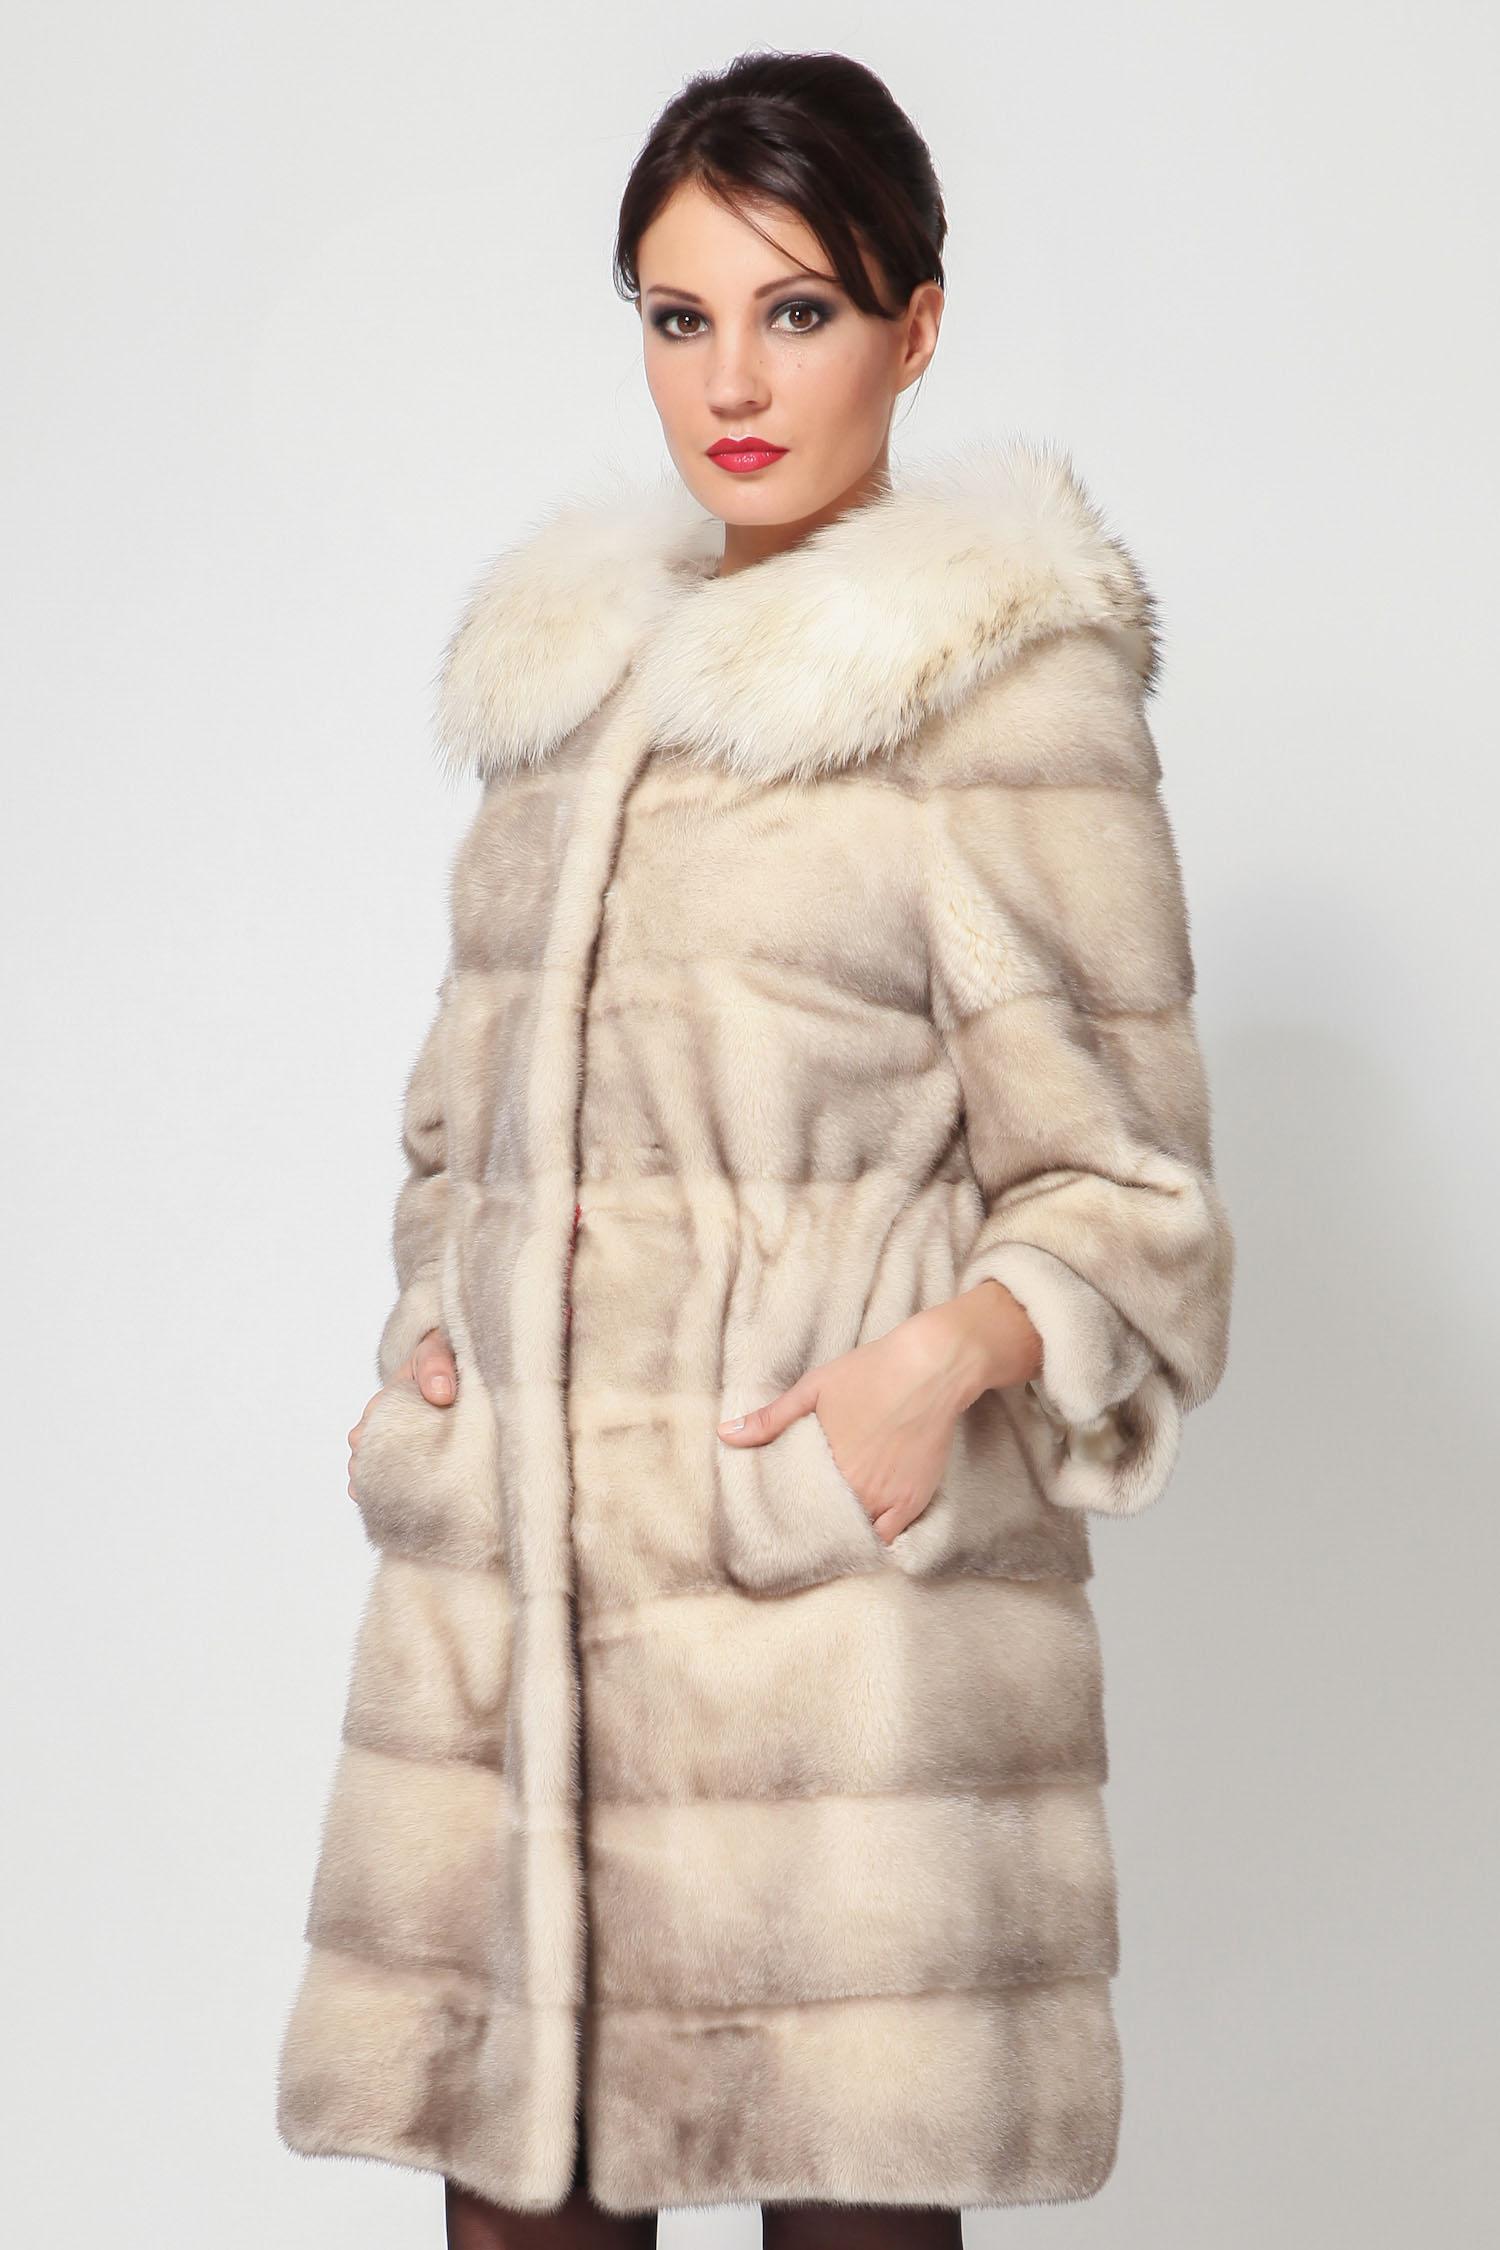 Шуба из норки с воротником, отделка енотВосхитительное пальто из меха скандинавской норки Silver blue, выполненное в элегантном женственном исполнении. Модель дополнена изысканным воротником Шанель, который отделан роскошным мехом енота.<br><br>Пальто оформлено изящной кулиской, которая гармонично смотрится. Мех из аукционной норки, имеются карманы. Шикарная модель!<br><br>Воротник: Оригинальный<br>Длина см: 90<br>Цвет: Бежевый<br>Вид застежки: Енот<br>Пол: Женский